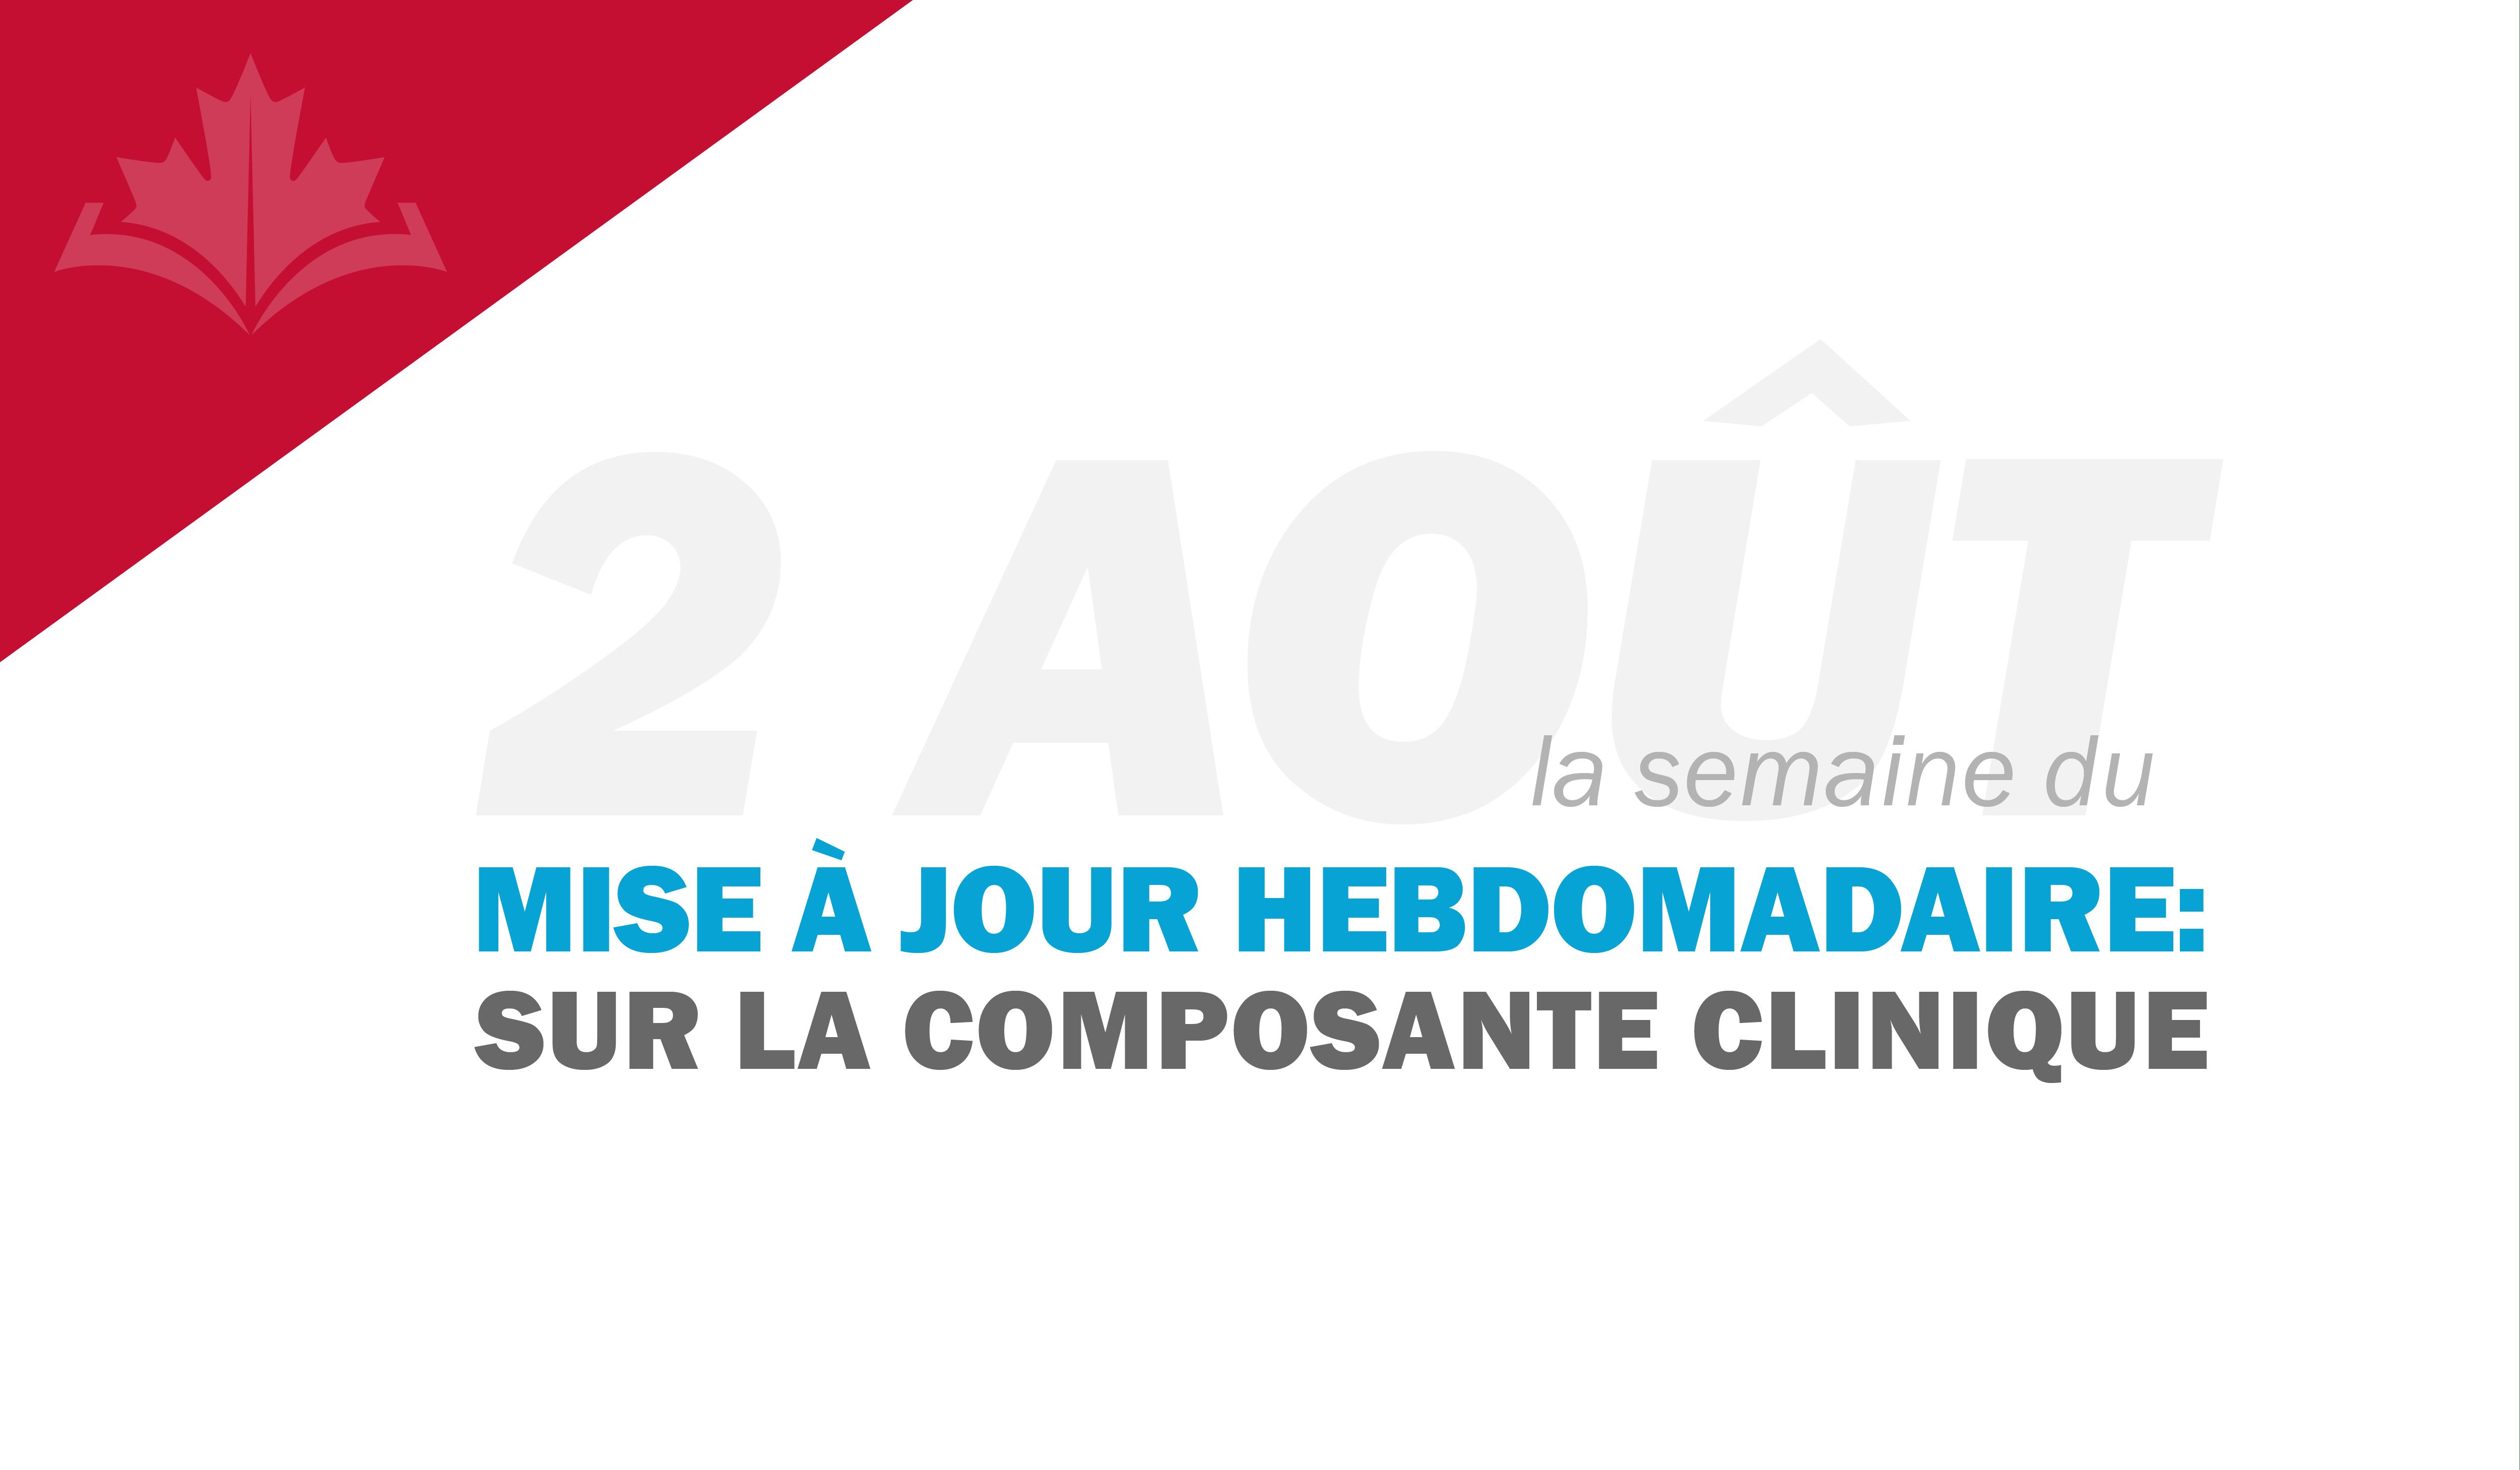 Mise à jour hebdomadaire sur la composante clinique : semaine du 2 août 2021